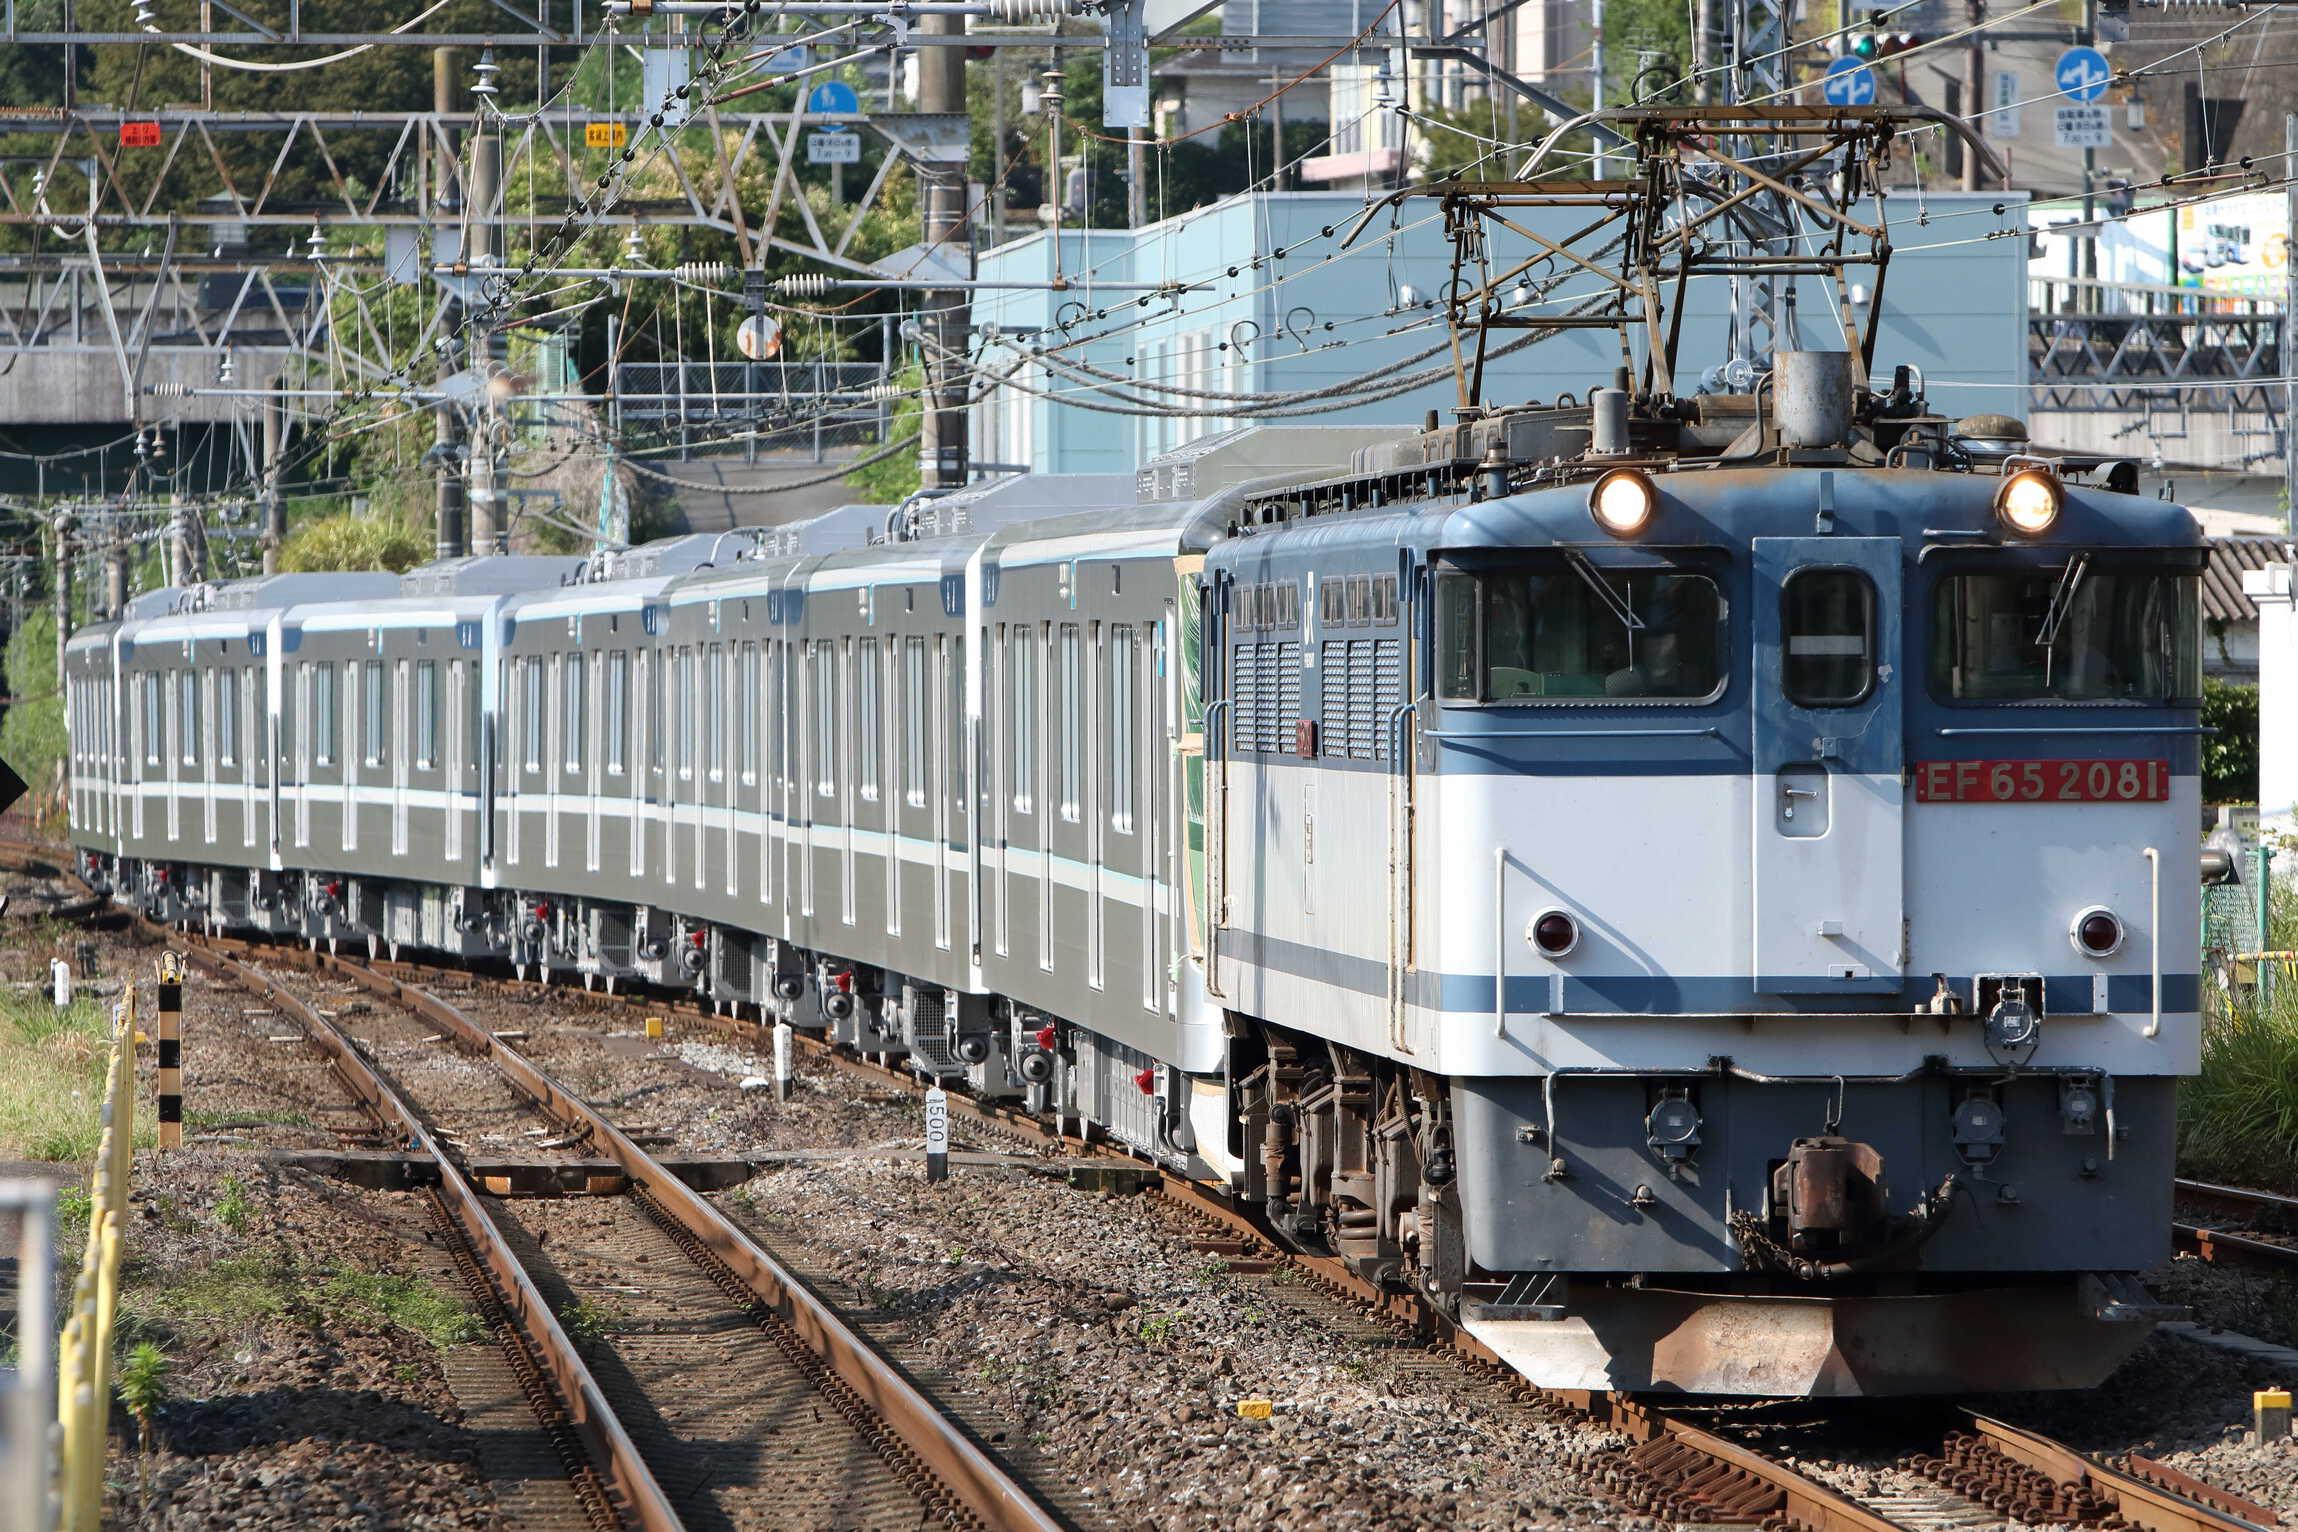 8860列車 甲123(徳庵〜熊谷(タ)(羽生)) 近畿車輛出場甲種輸送 EF65-2081①[新]\<臨A852>+東京メトロ13000系 13113F